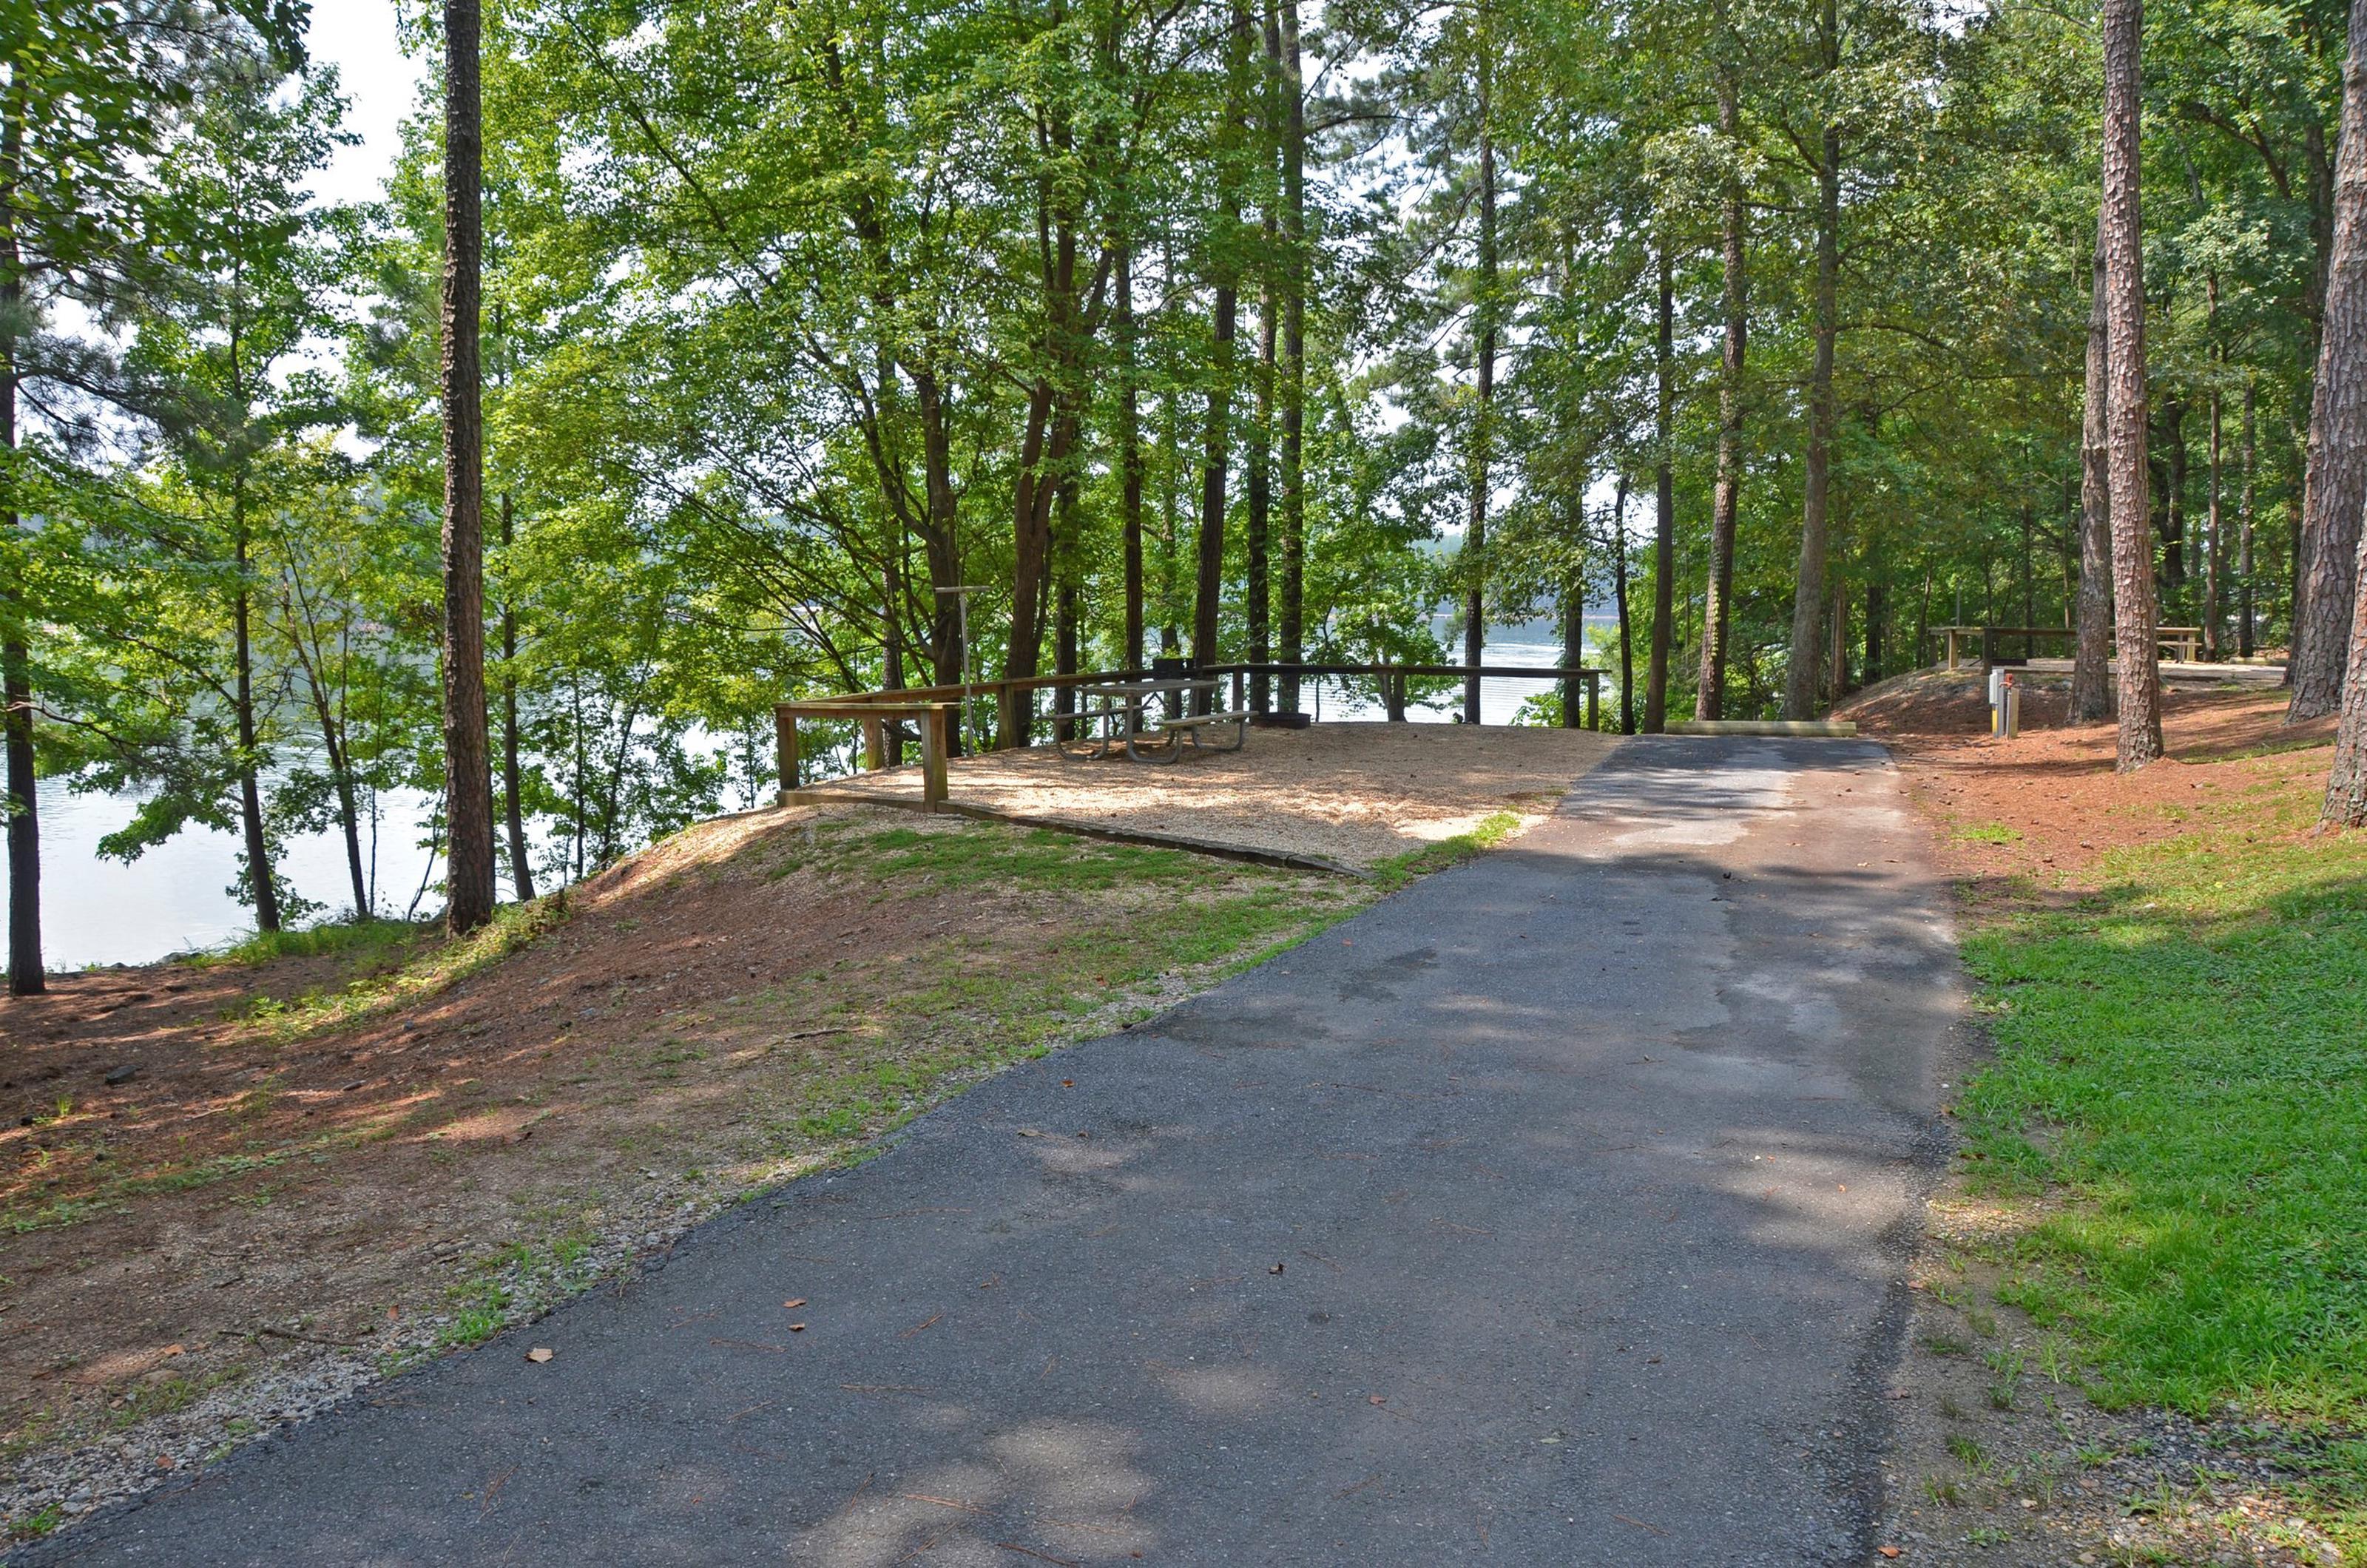 McKinney Campground Site 130